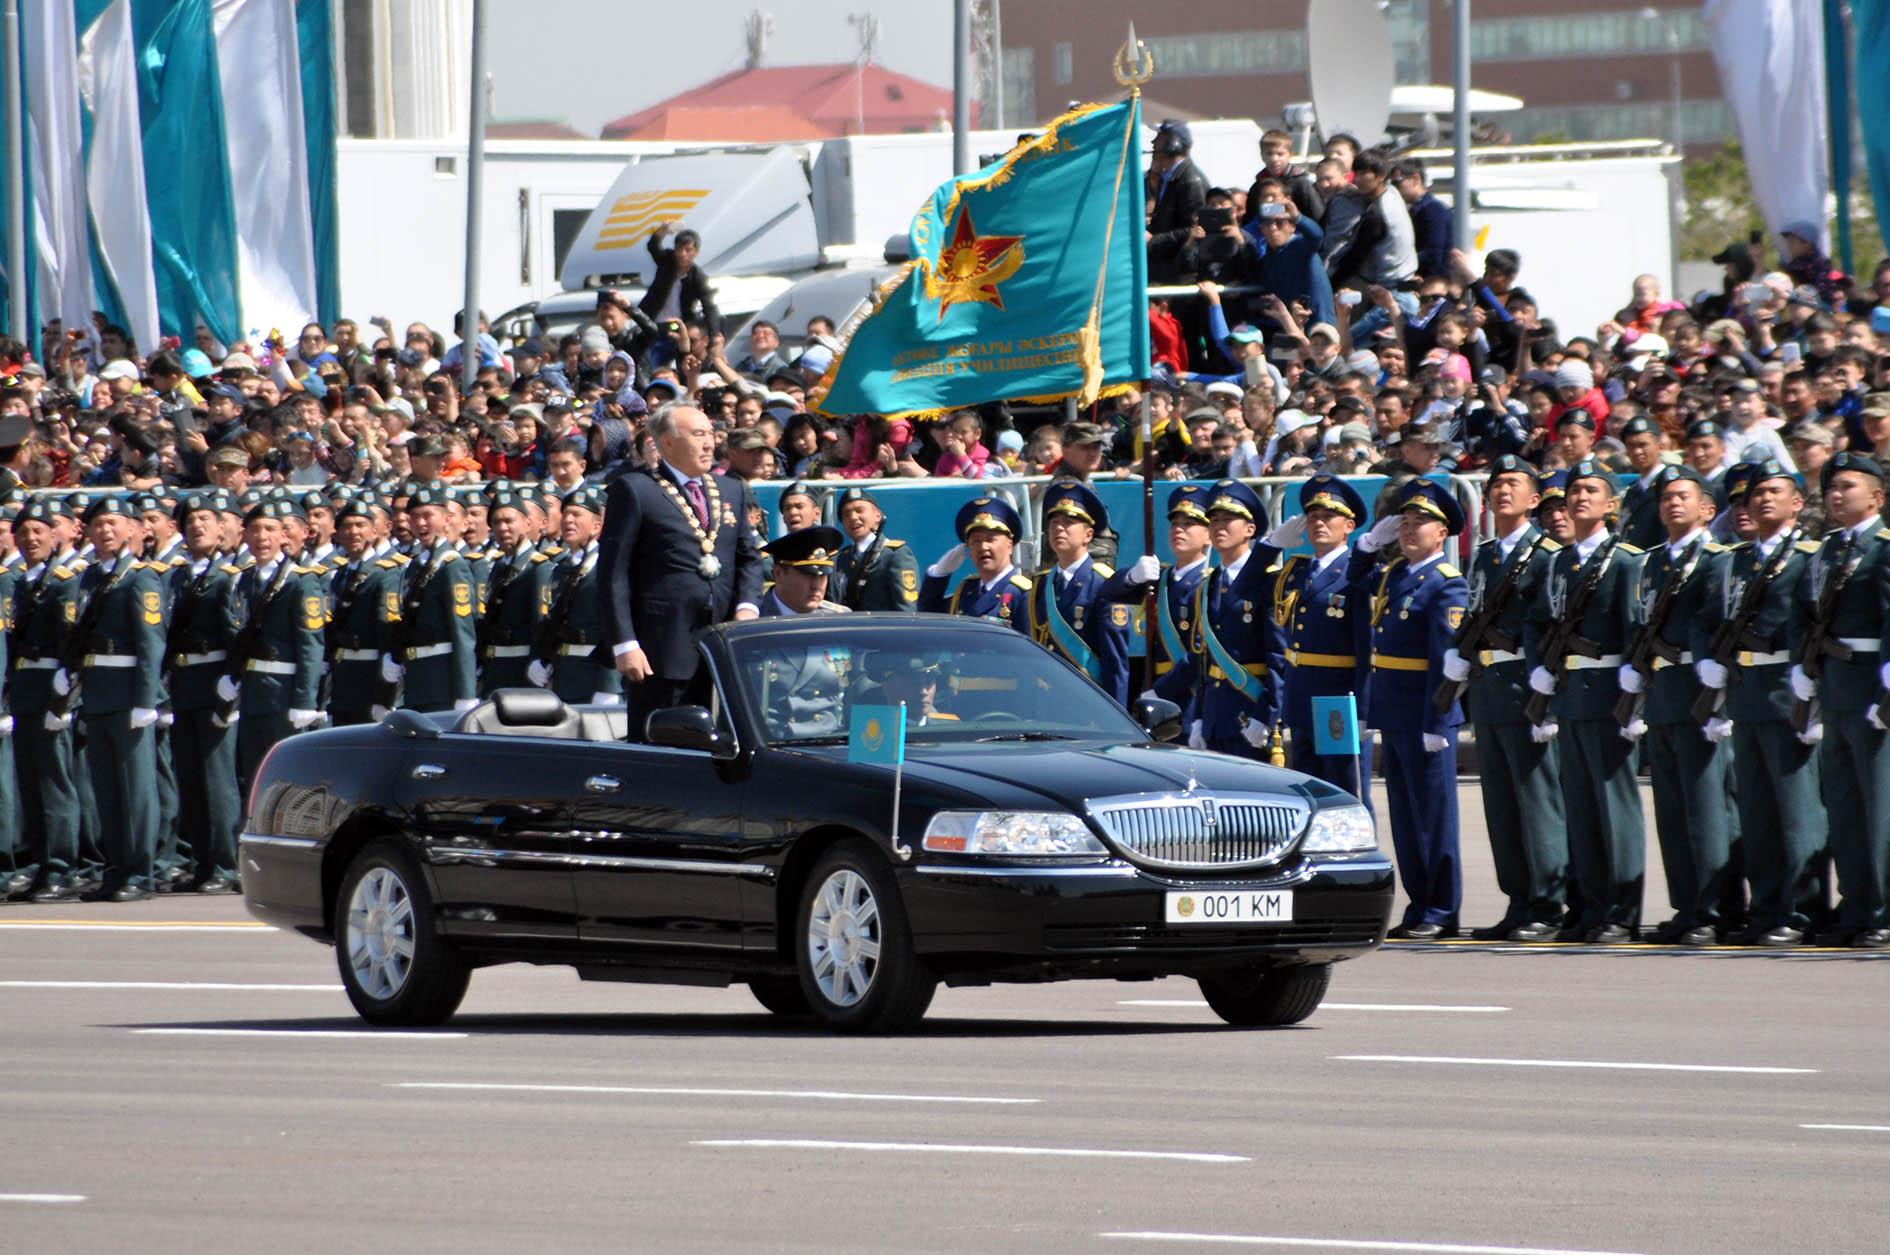 Назарбаев после очередной победы на президентских выборах в Казахстане, решил таки ехать на парад Победы к Путину